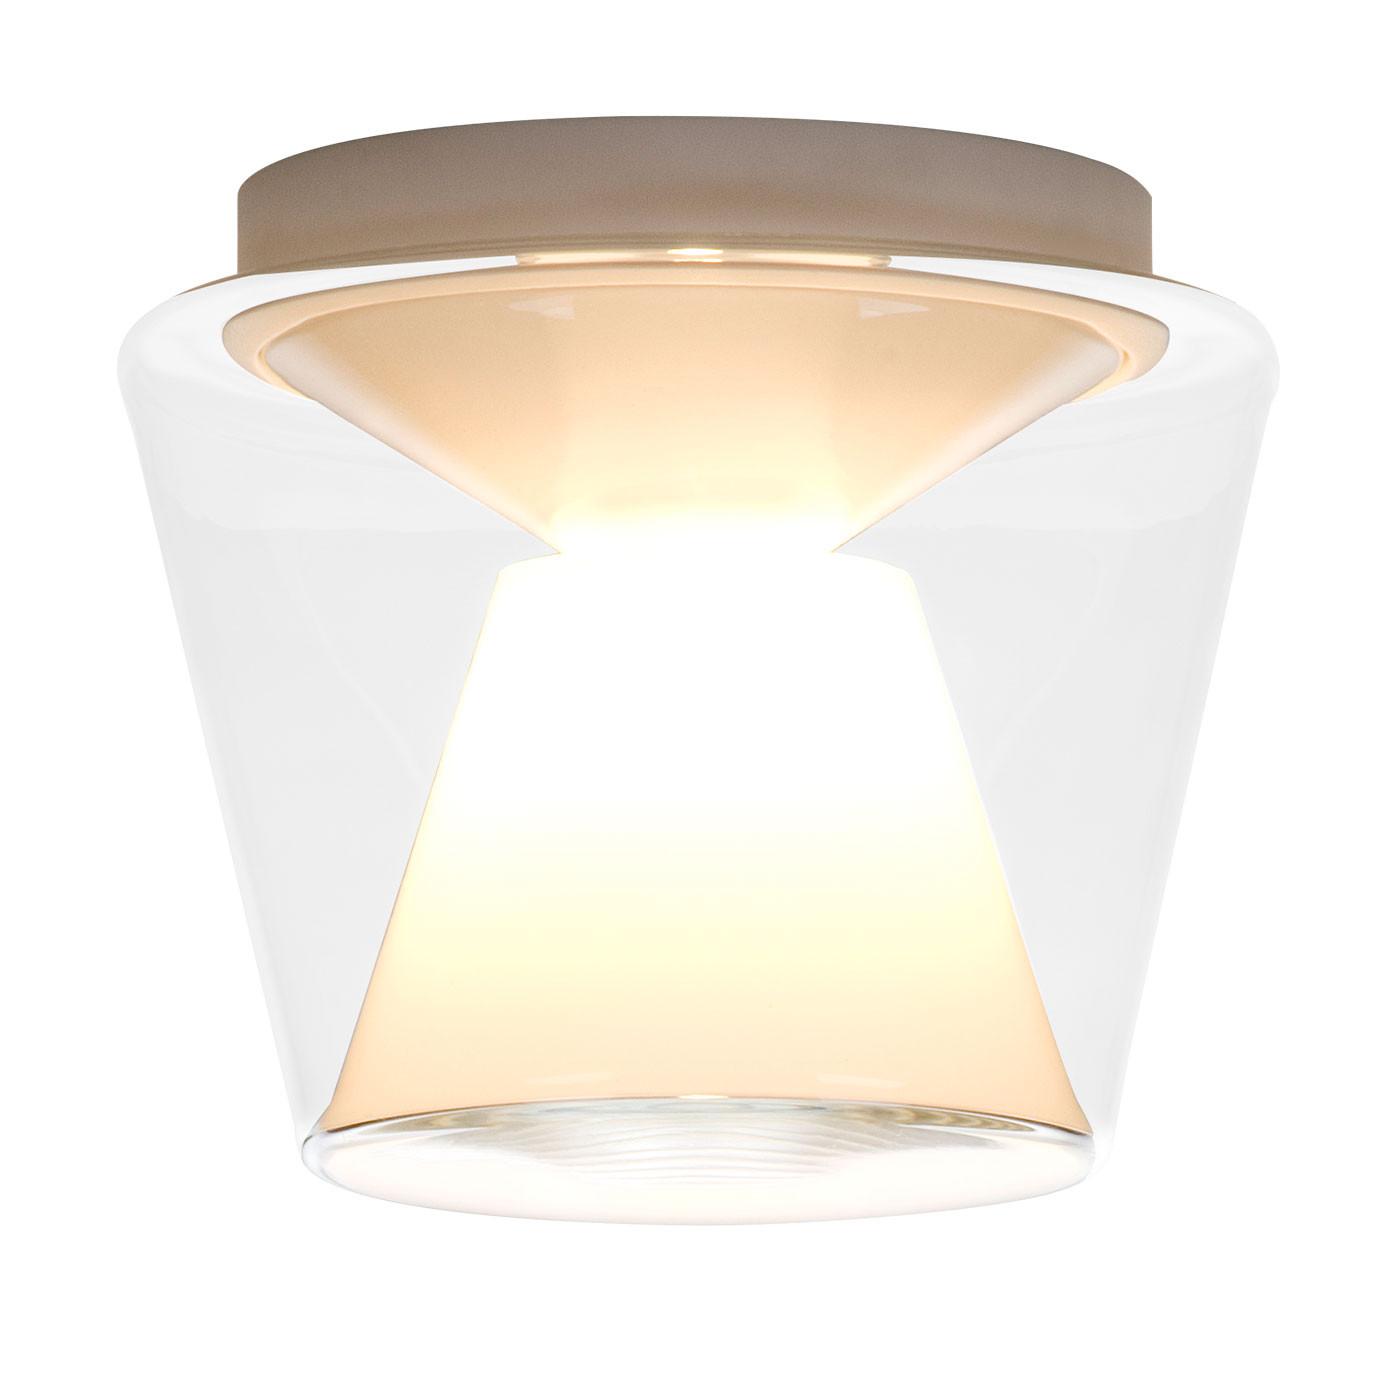 Serien Lighting Annex Ceiling M LED, 27W